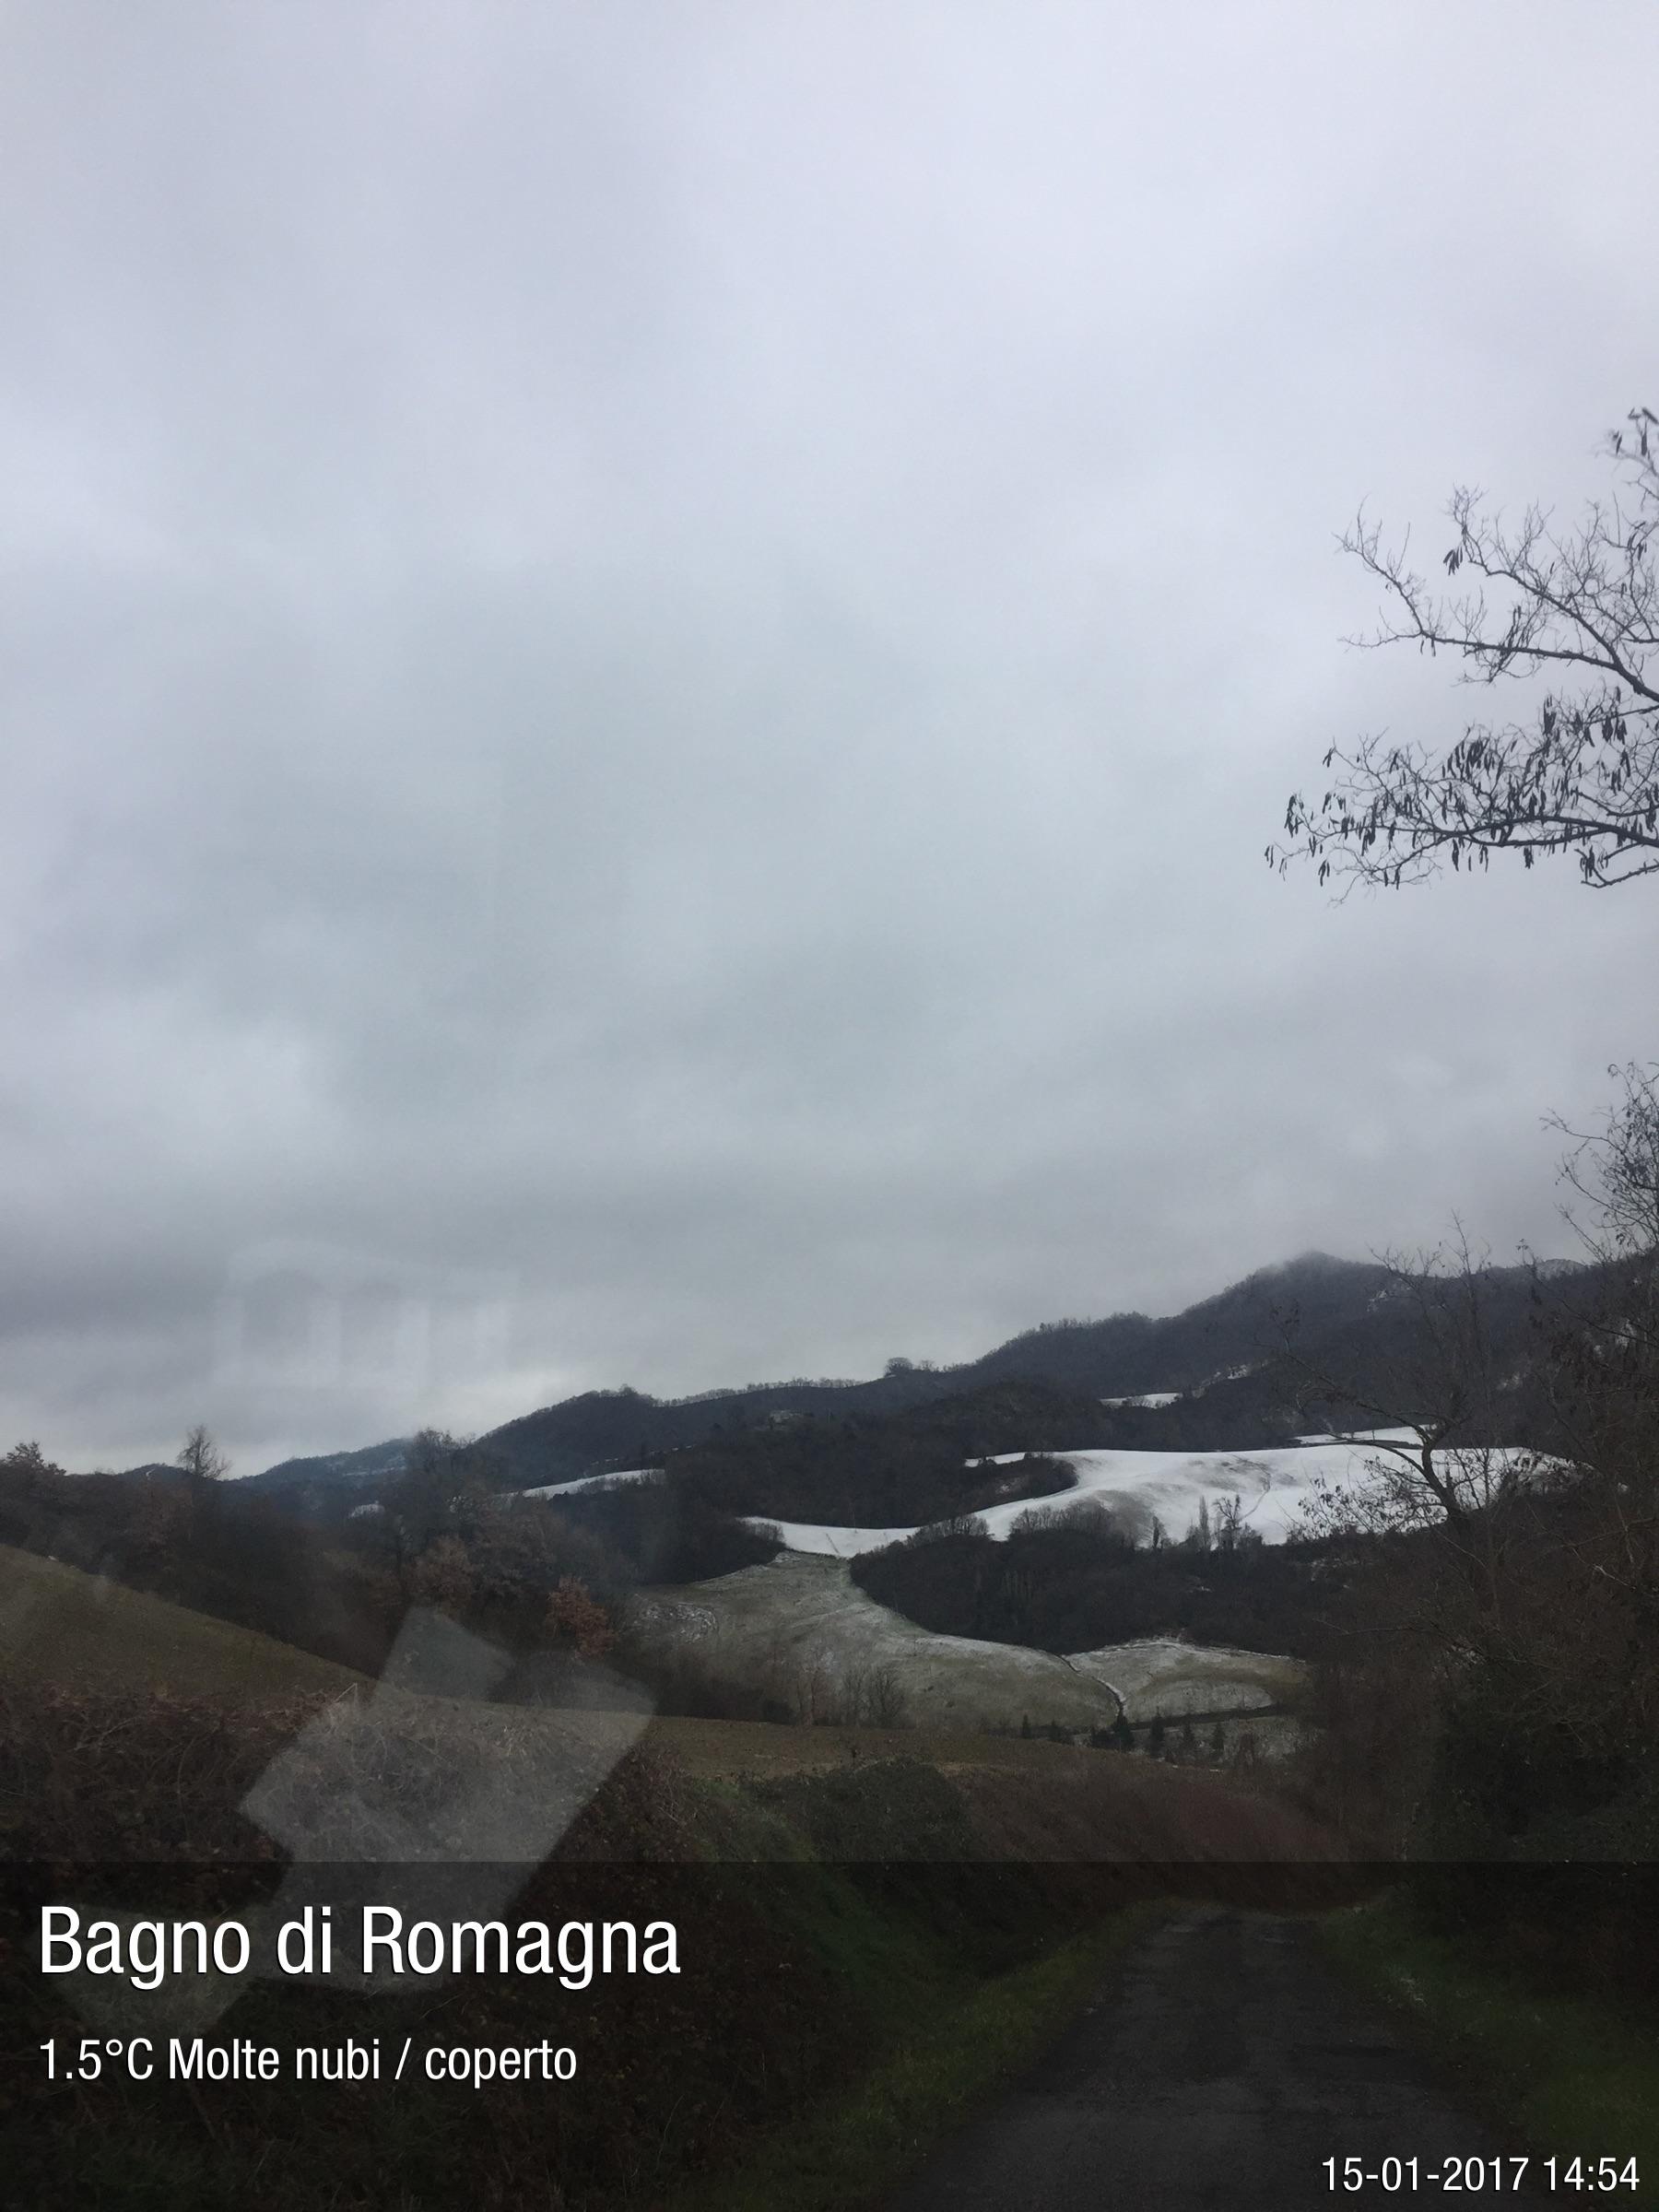 Foto meteo - Bagno di Romagna - Bagno di Romagna ore 14:54 ...